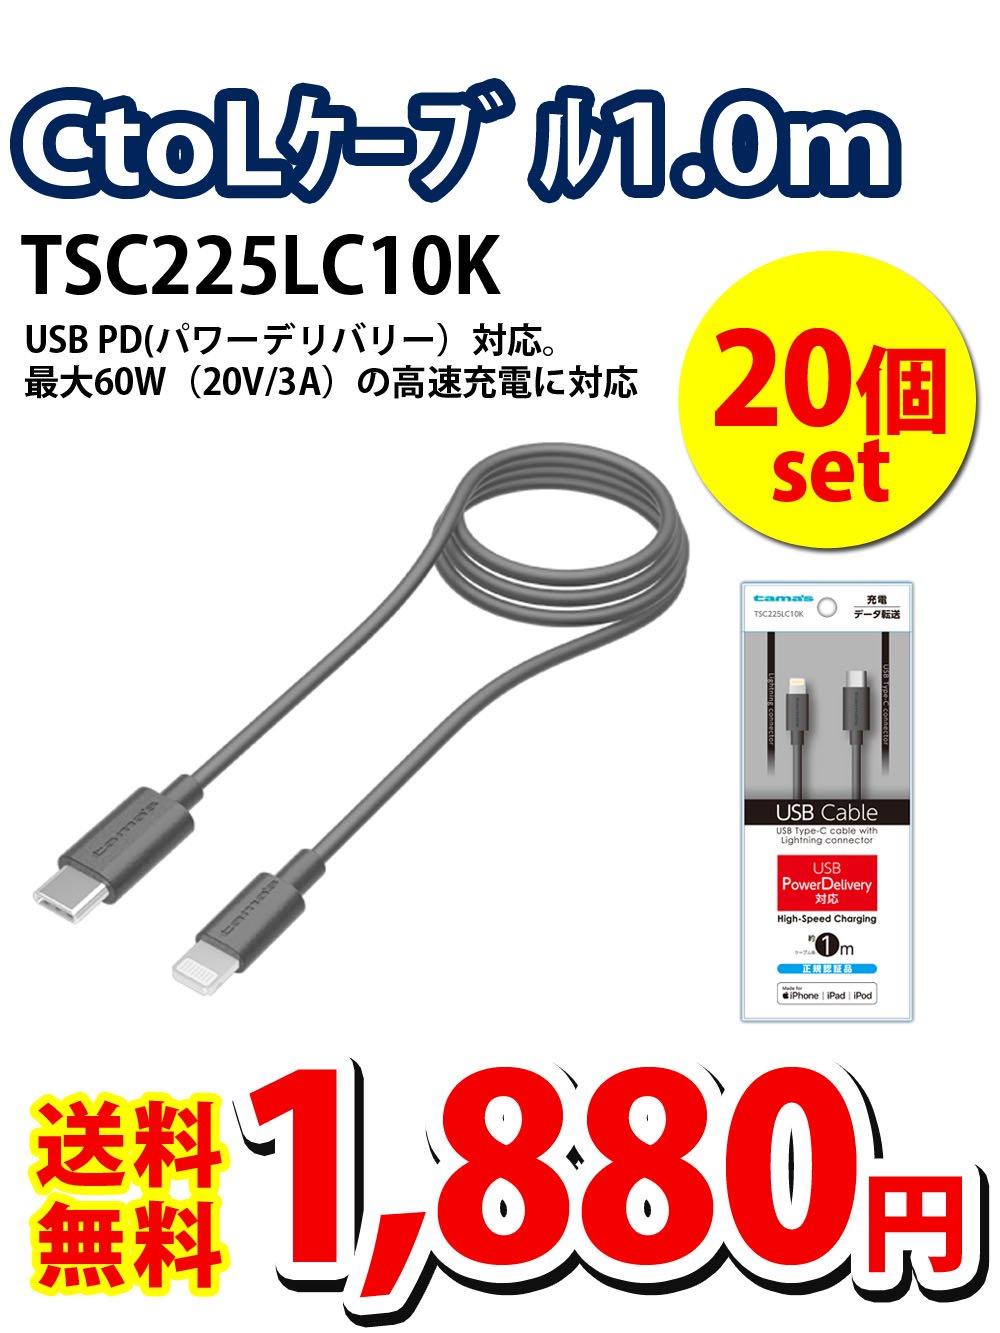 【送料無料】CtoLケーブル1.0m TSC225LC10K【20個セット】1880円